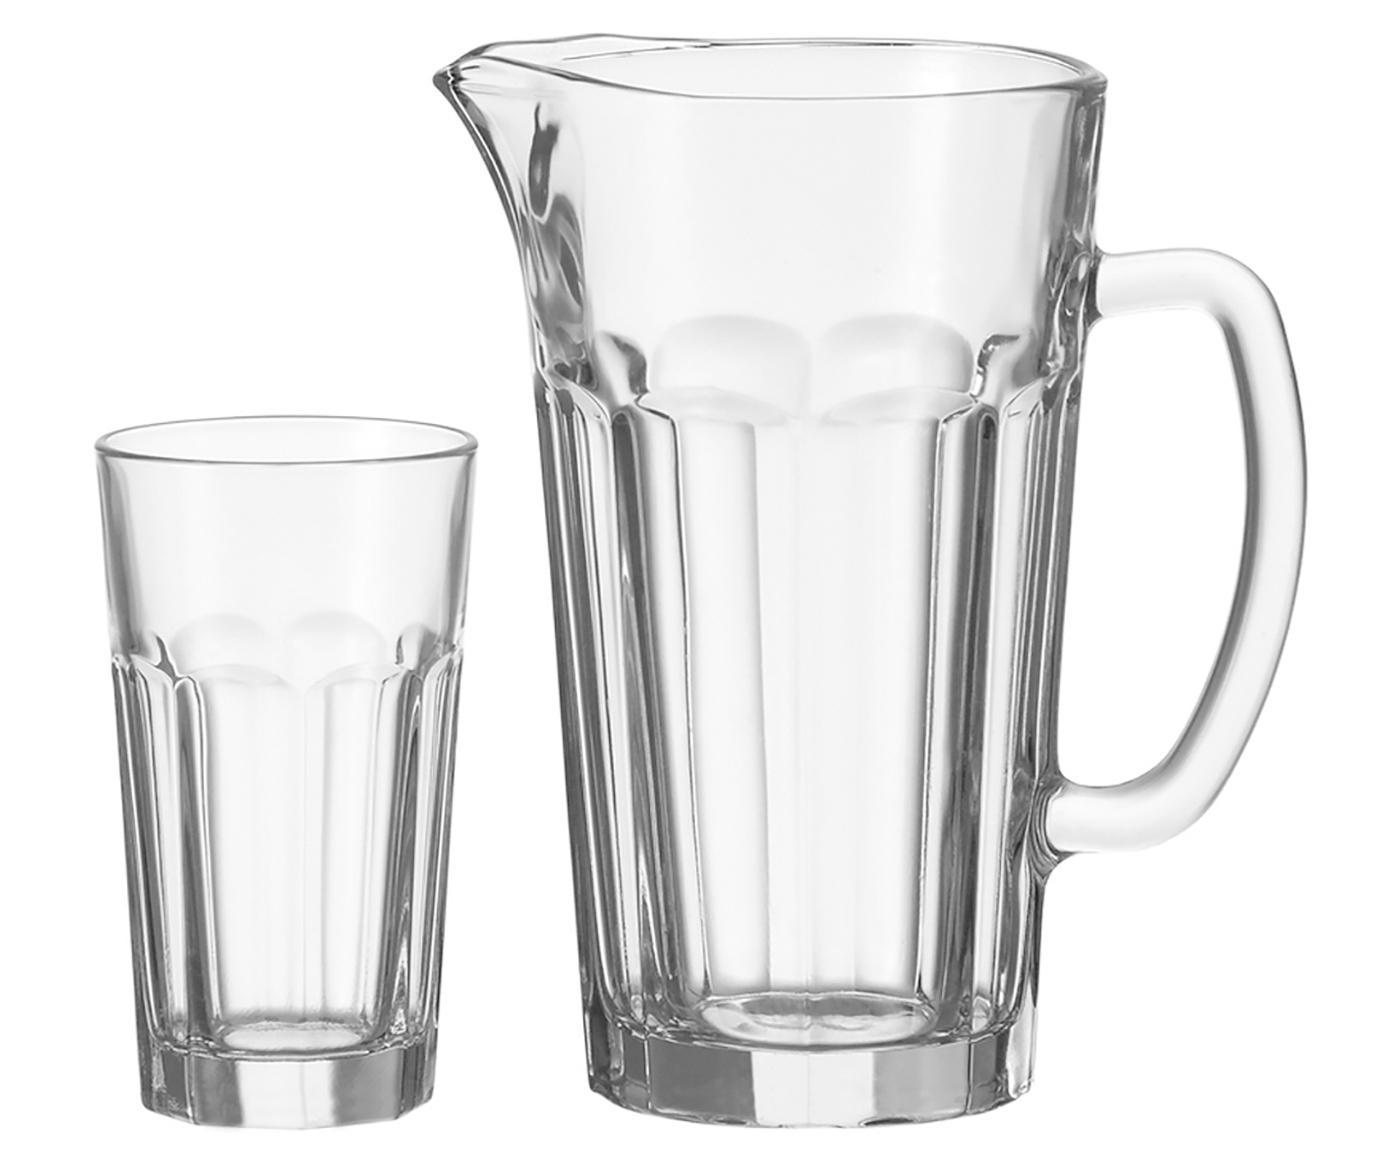 Karaf met glazen Rock, 7-delig, Glas, Transparant, Verschillende groottes